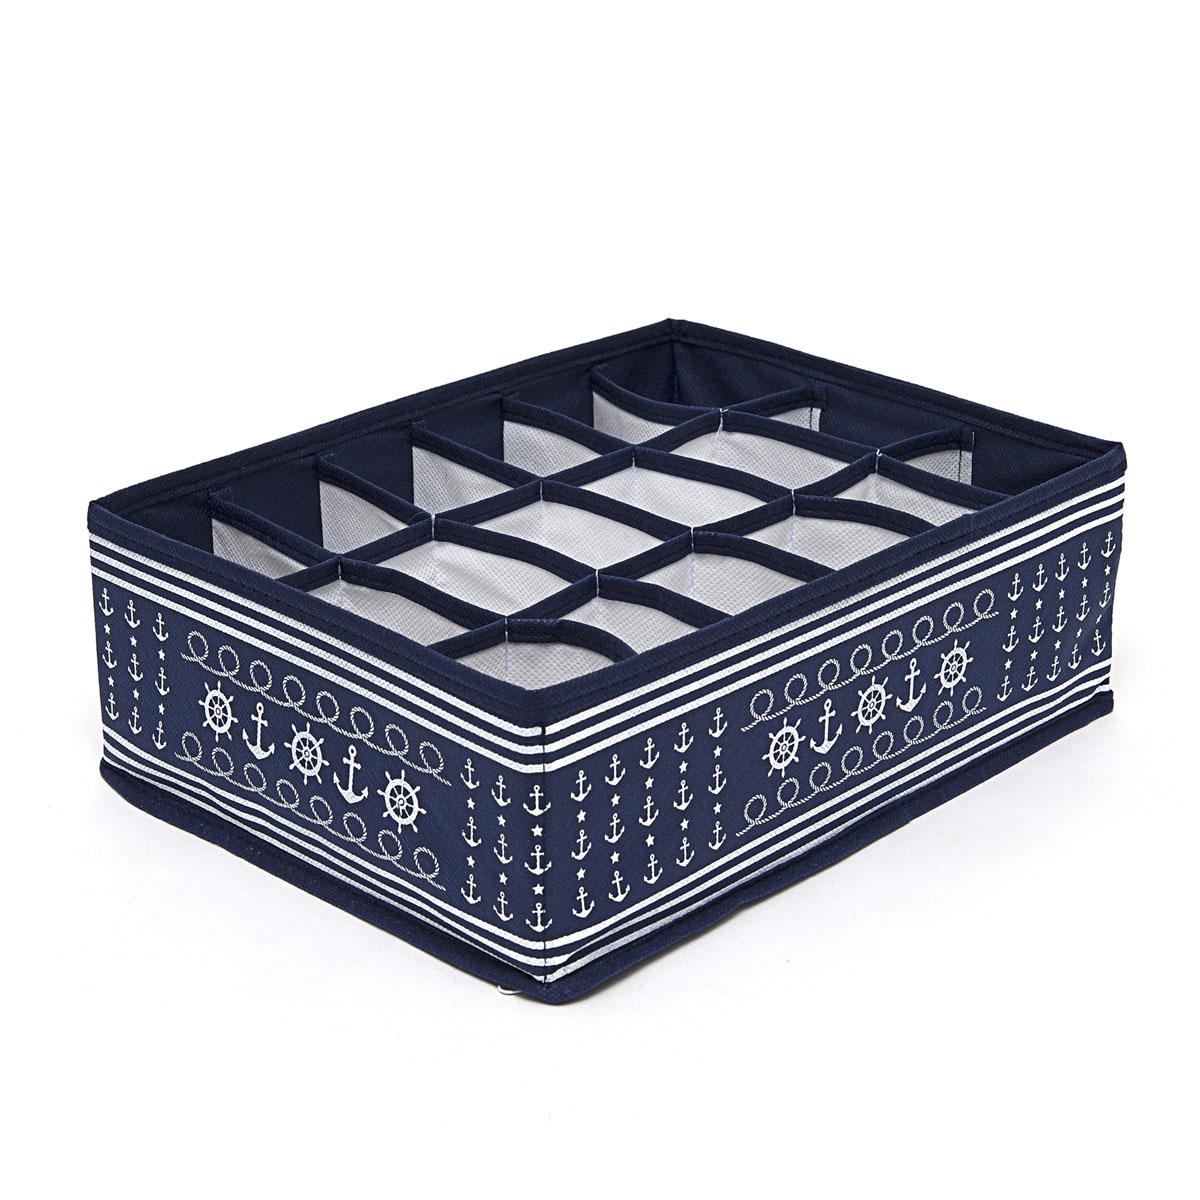 Органайзер для хранения вещей Homsu Ocean, 18 секций, 31 х 24 х 11 смES-412Компактный складной органайзер Homsu Ocean изготовлен из высококачественного полиэстера, который обеспечивает естественную вентиляцию. Материал позволяет воздуху свободно проникать внутрь, но не пропускает пыль. Органайзер отлично держит форму, благодаря вставкам из плотного картона. Изделие имеет 18 квадратных секций для хранения нижнего белья, колготок, носков и другой одежды.Такой органайзер позволит вам хранить вещи компактно и удобно.